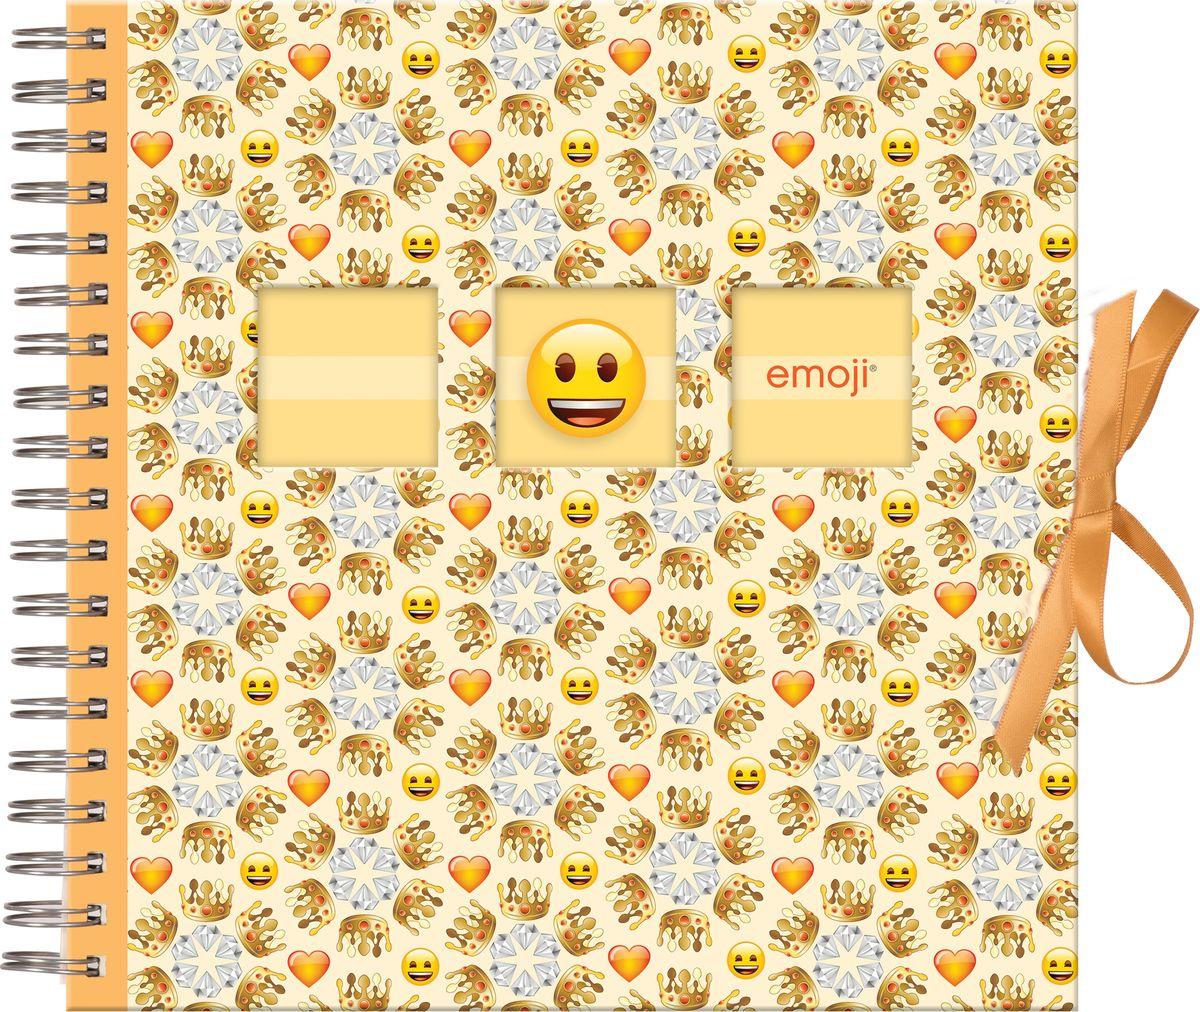 Фотоальбом Innova Emoji Spiral Bound Crowns, 25 х 25 смQ1608013Фотоальбом Innova имеет обложку из плотного картона.Альбом из 25 листов рассчитан на фотографии форматом 25 х 25 см. Страницы изготовлены из бумаги и пластика, они закреплены на спираль.. Дизайн фотоальбома посвящен любимым смайликам Emoji.Фотоальбом является универсальным подарком к любому празднику. Родным, близким и просто знакомым будет приятно помещать фотографии в этот альбом.